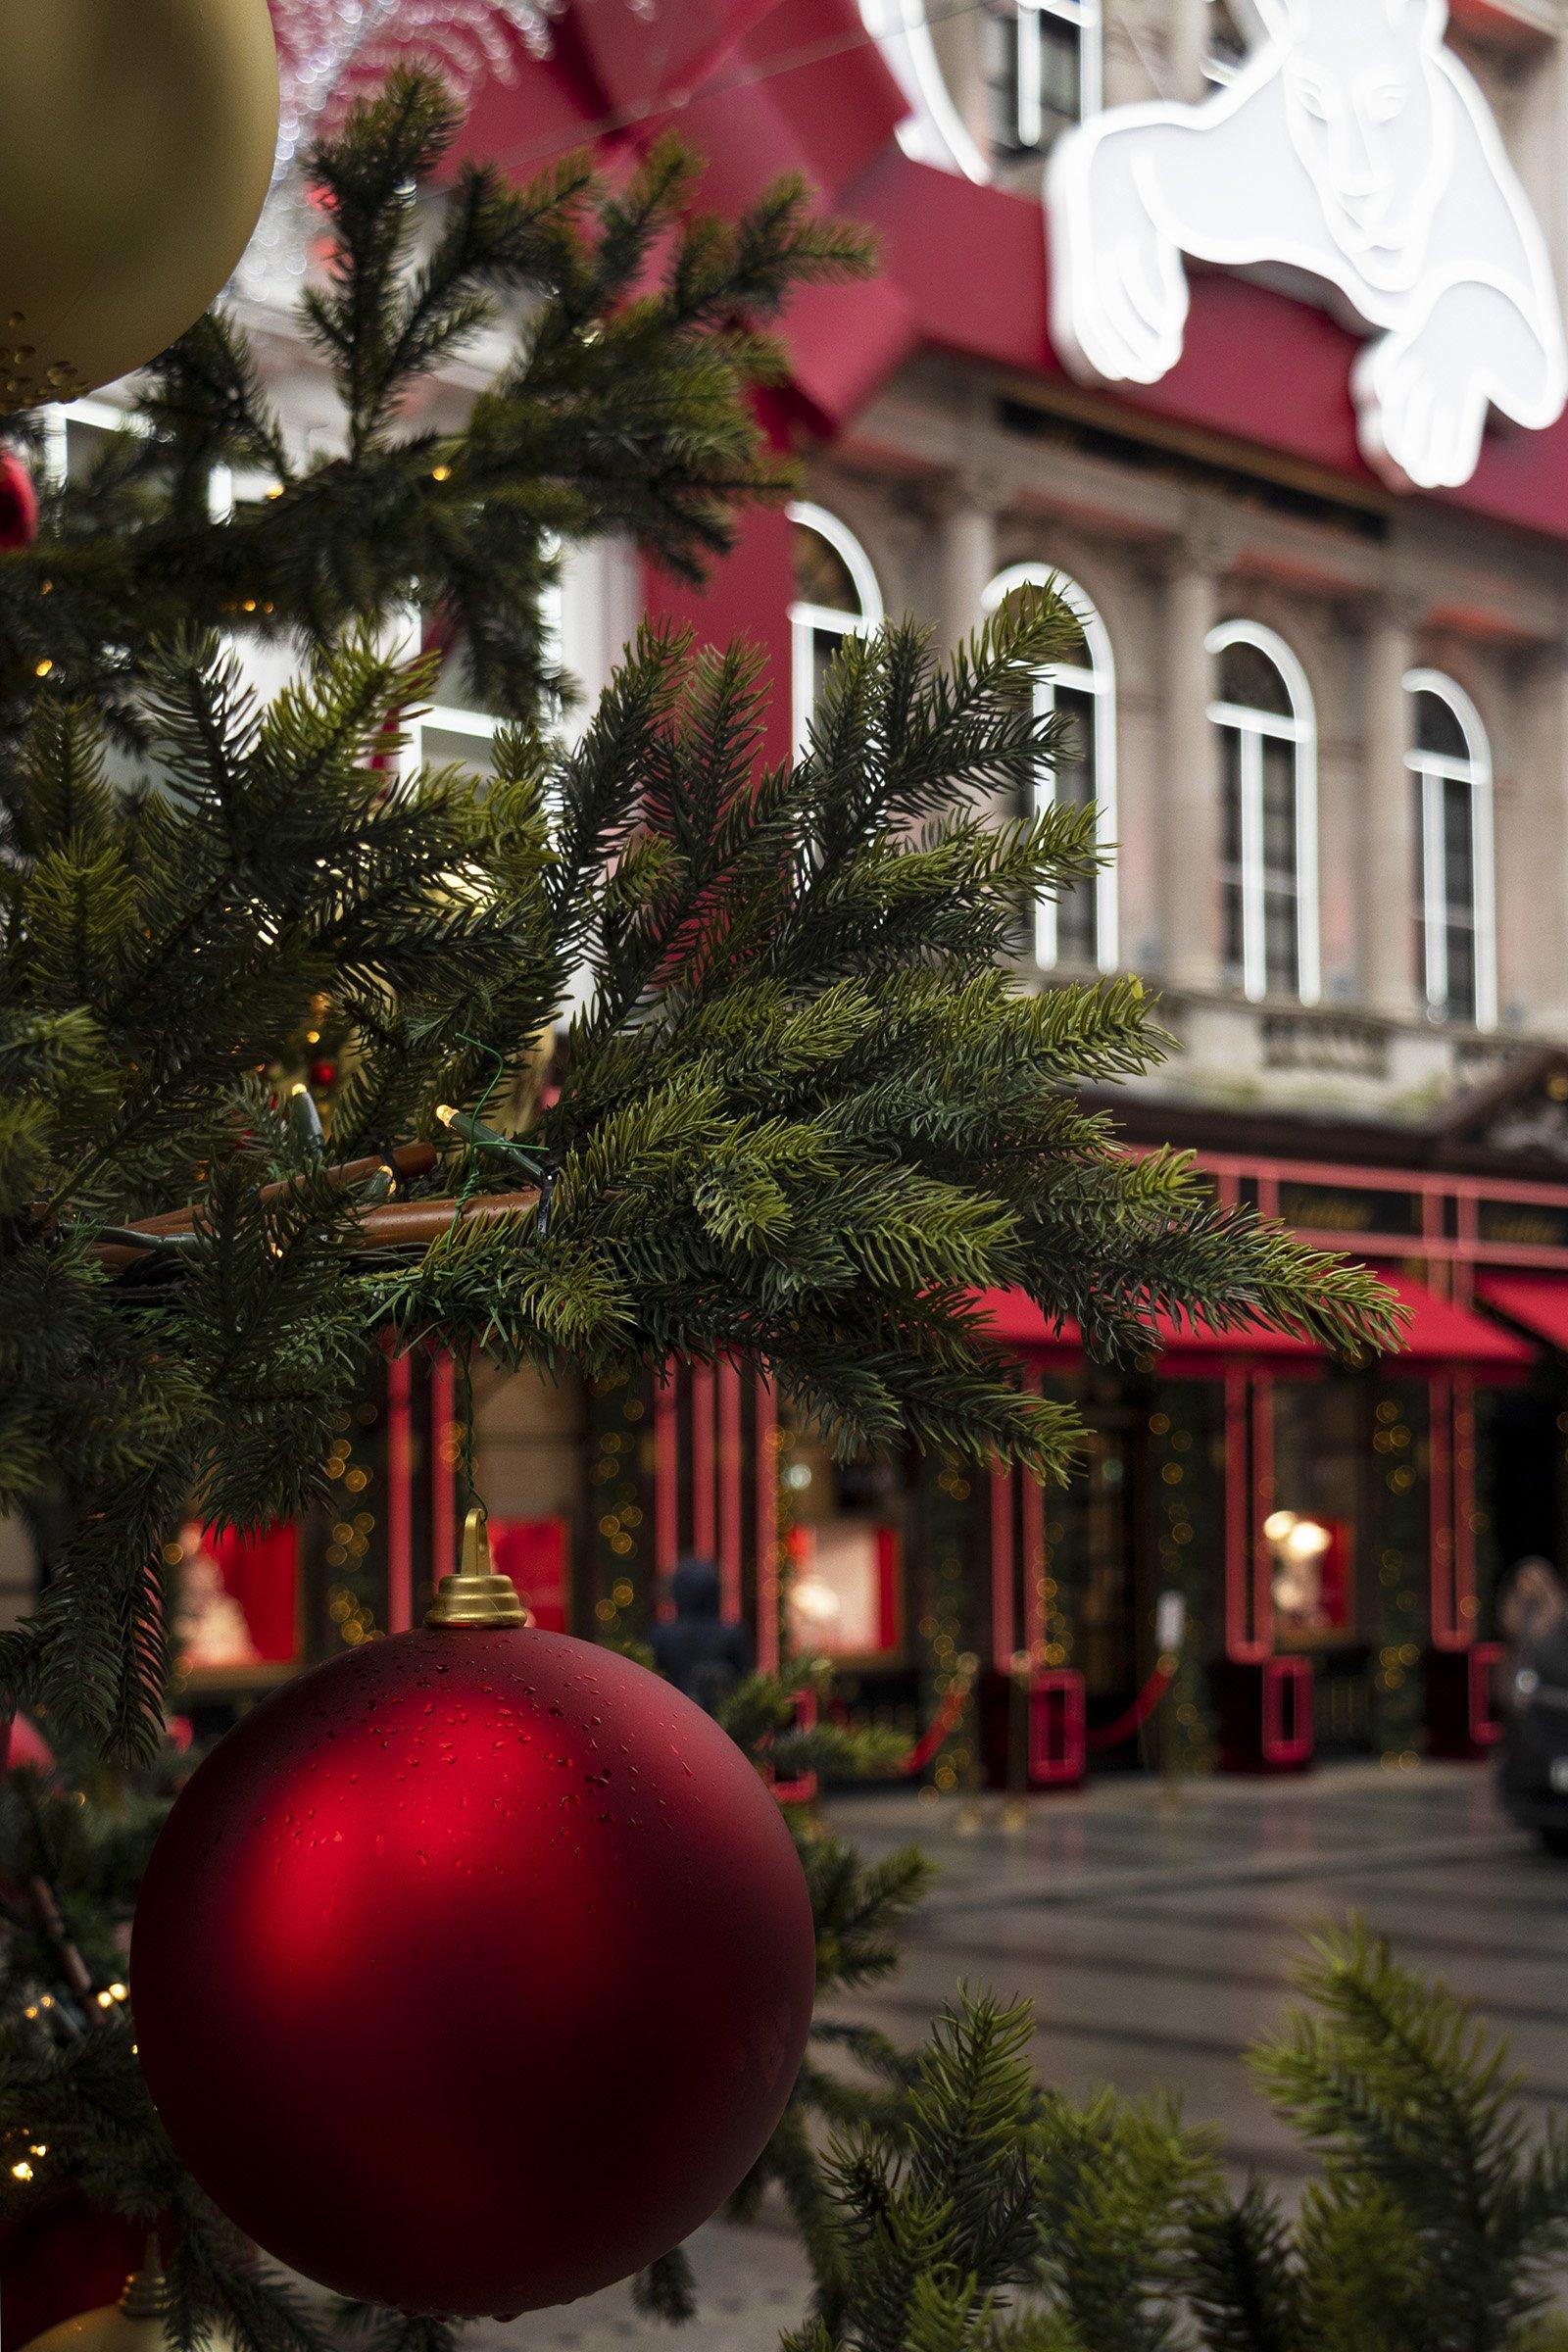 Cartier Christmas display and Christmas tree